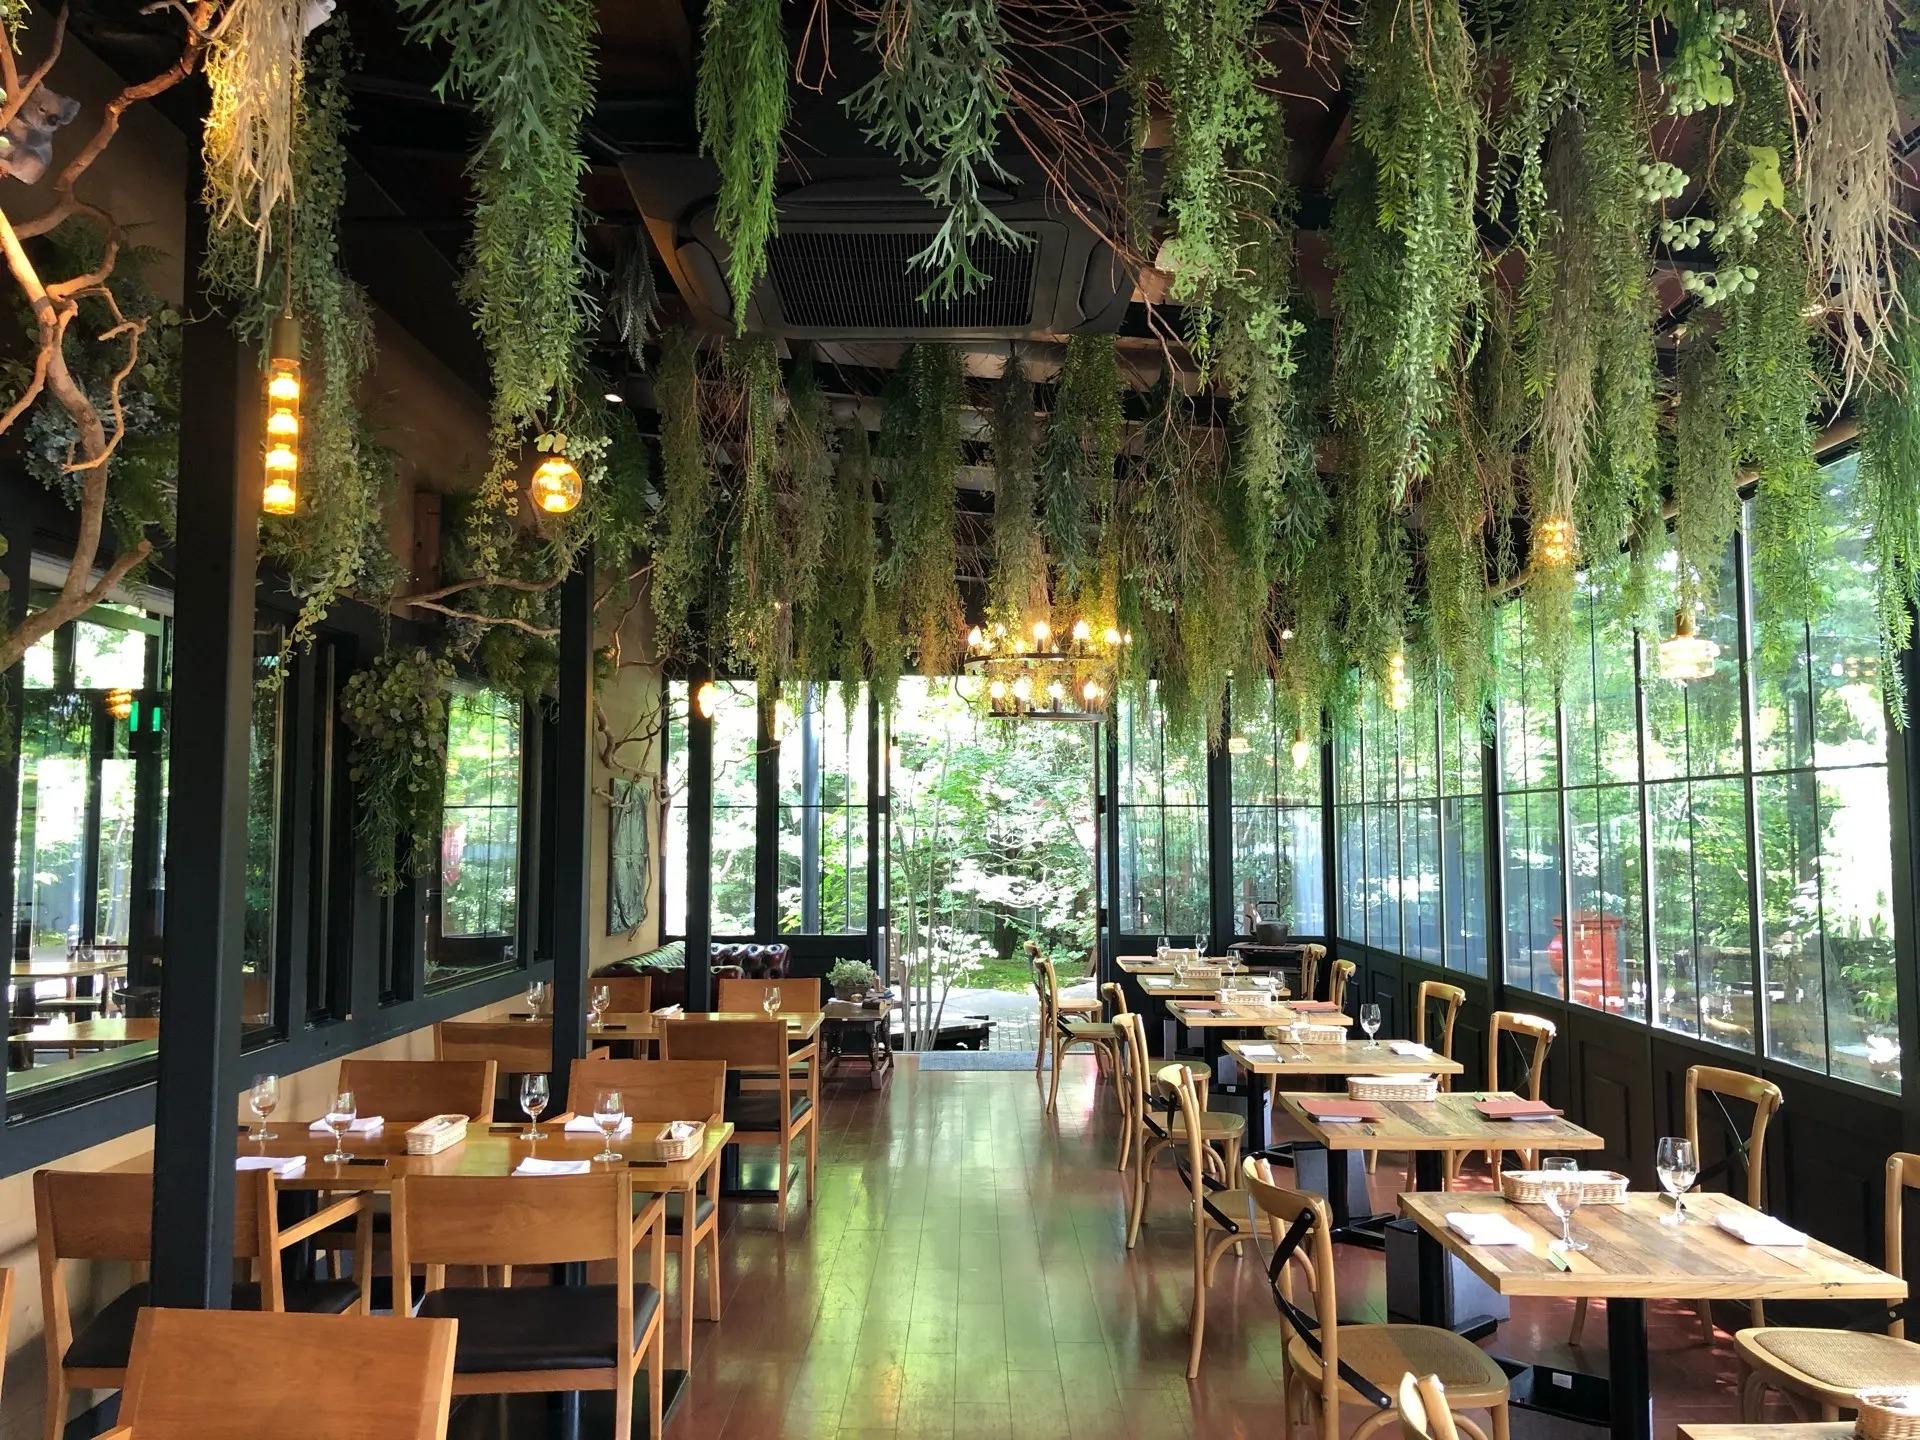 軽井沢のレストラン『LONGING HOUSE 軽井沢』